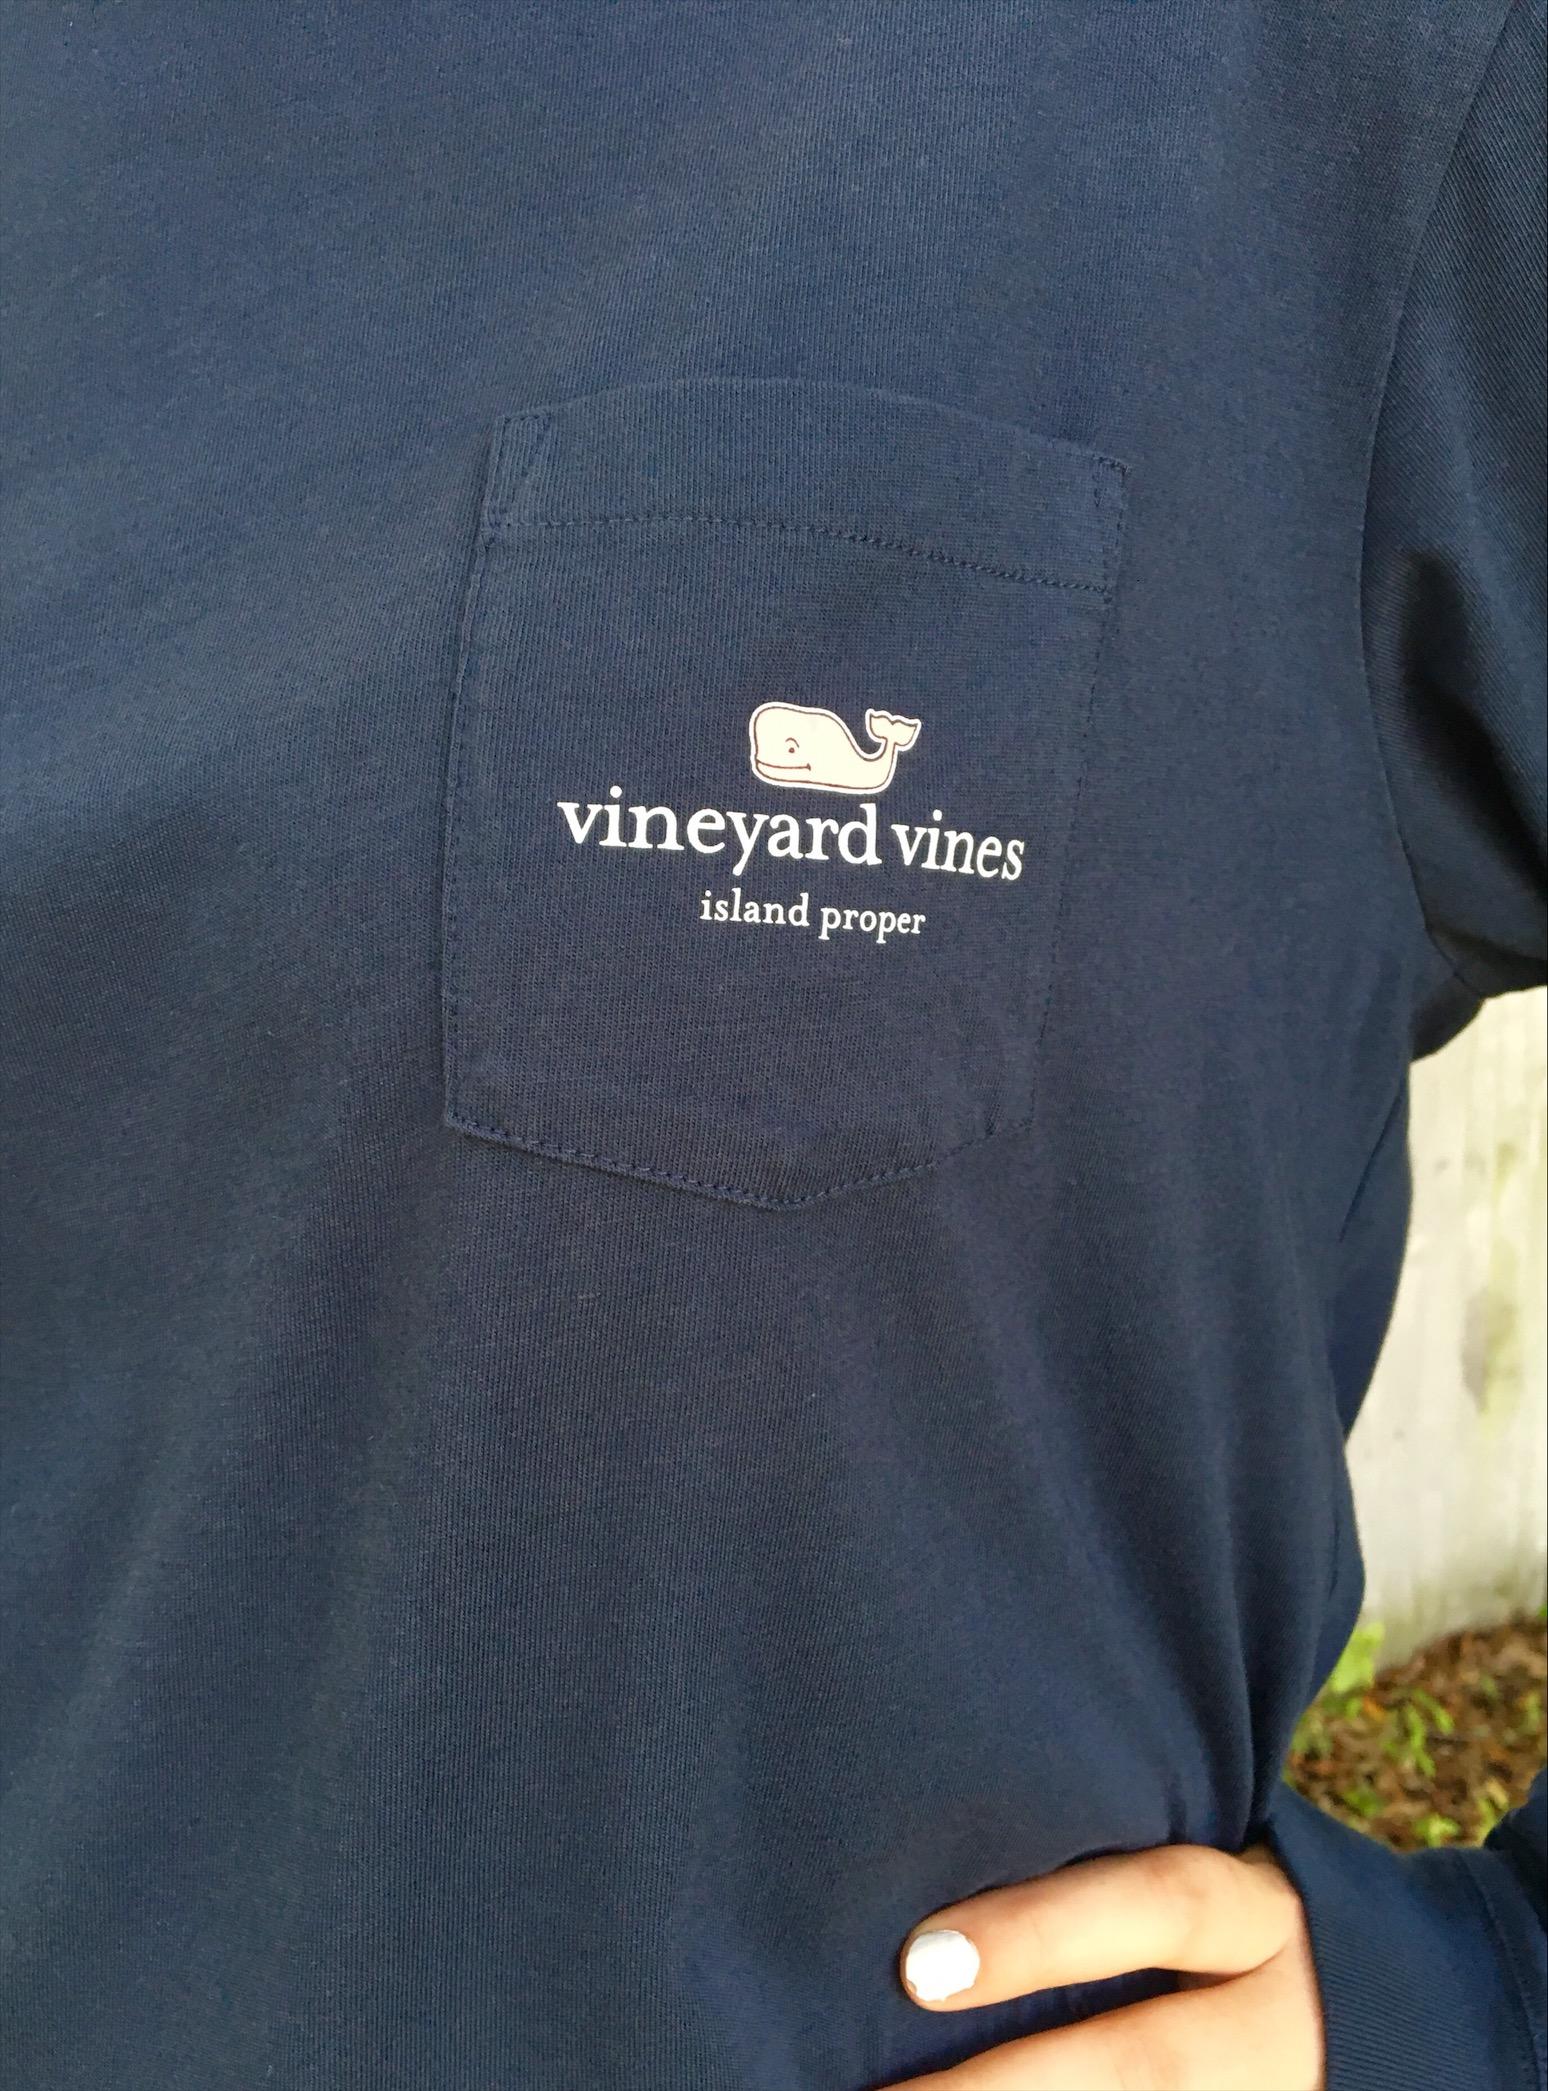 2c2bacade ... Vineyard Vines Custom I Whale Island Proper Tee in Blue Blazer ...